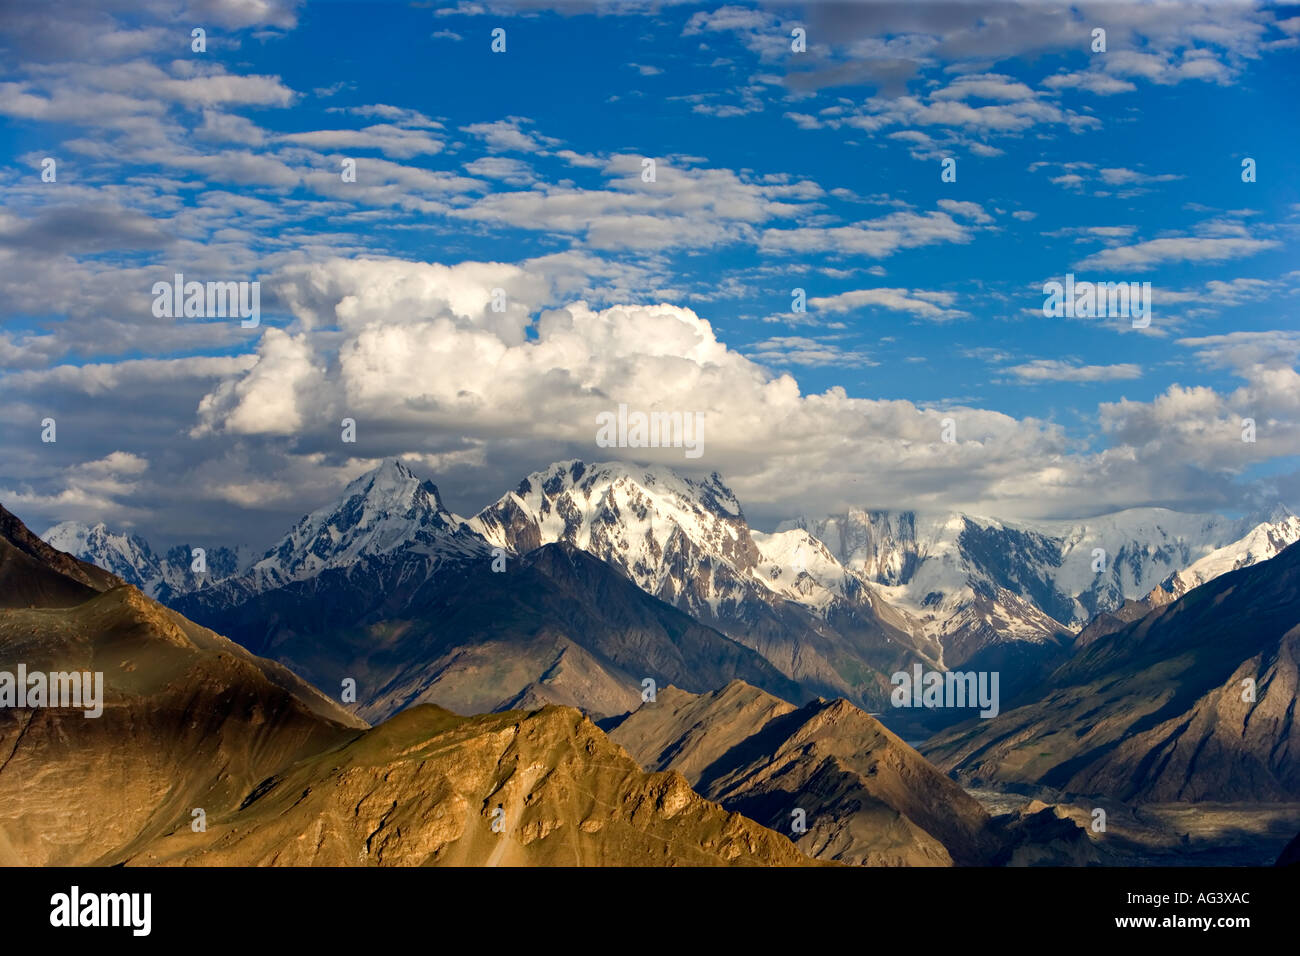 Lo spettacolare scenario montano di Hunza nel nord del Pakistan Immagini Stock